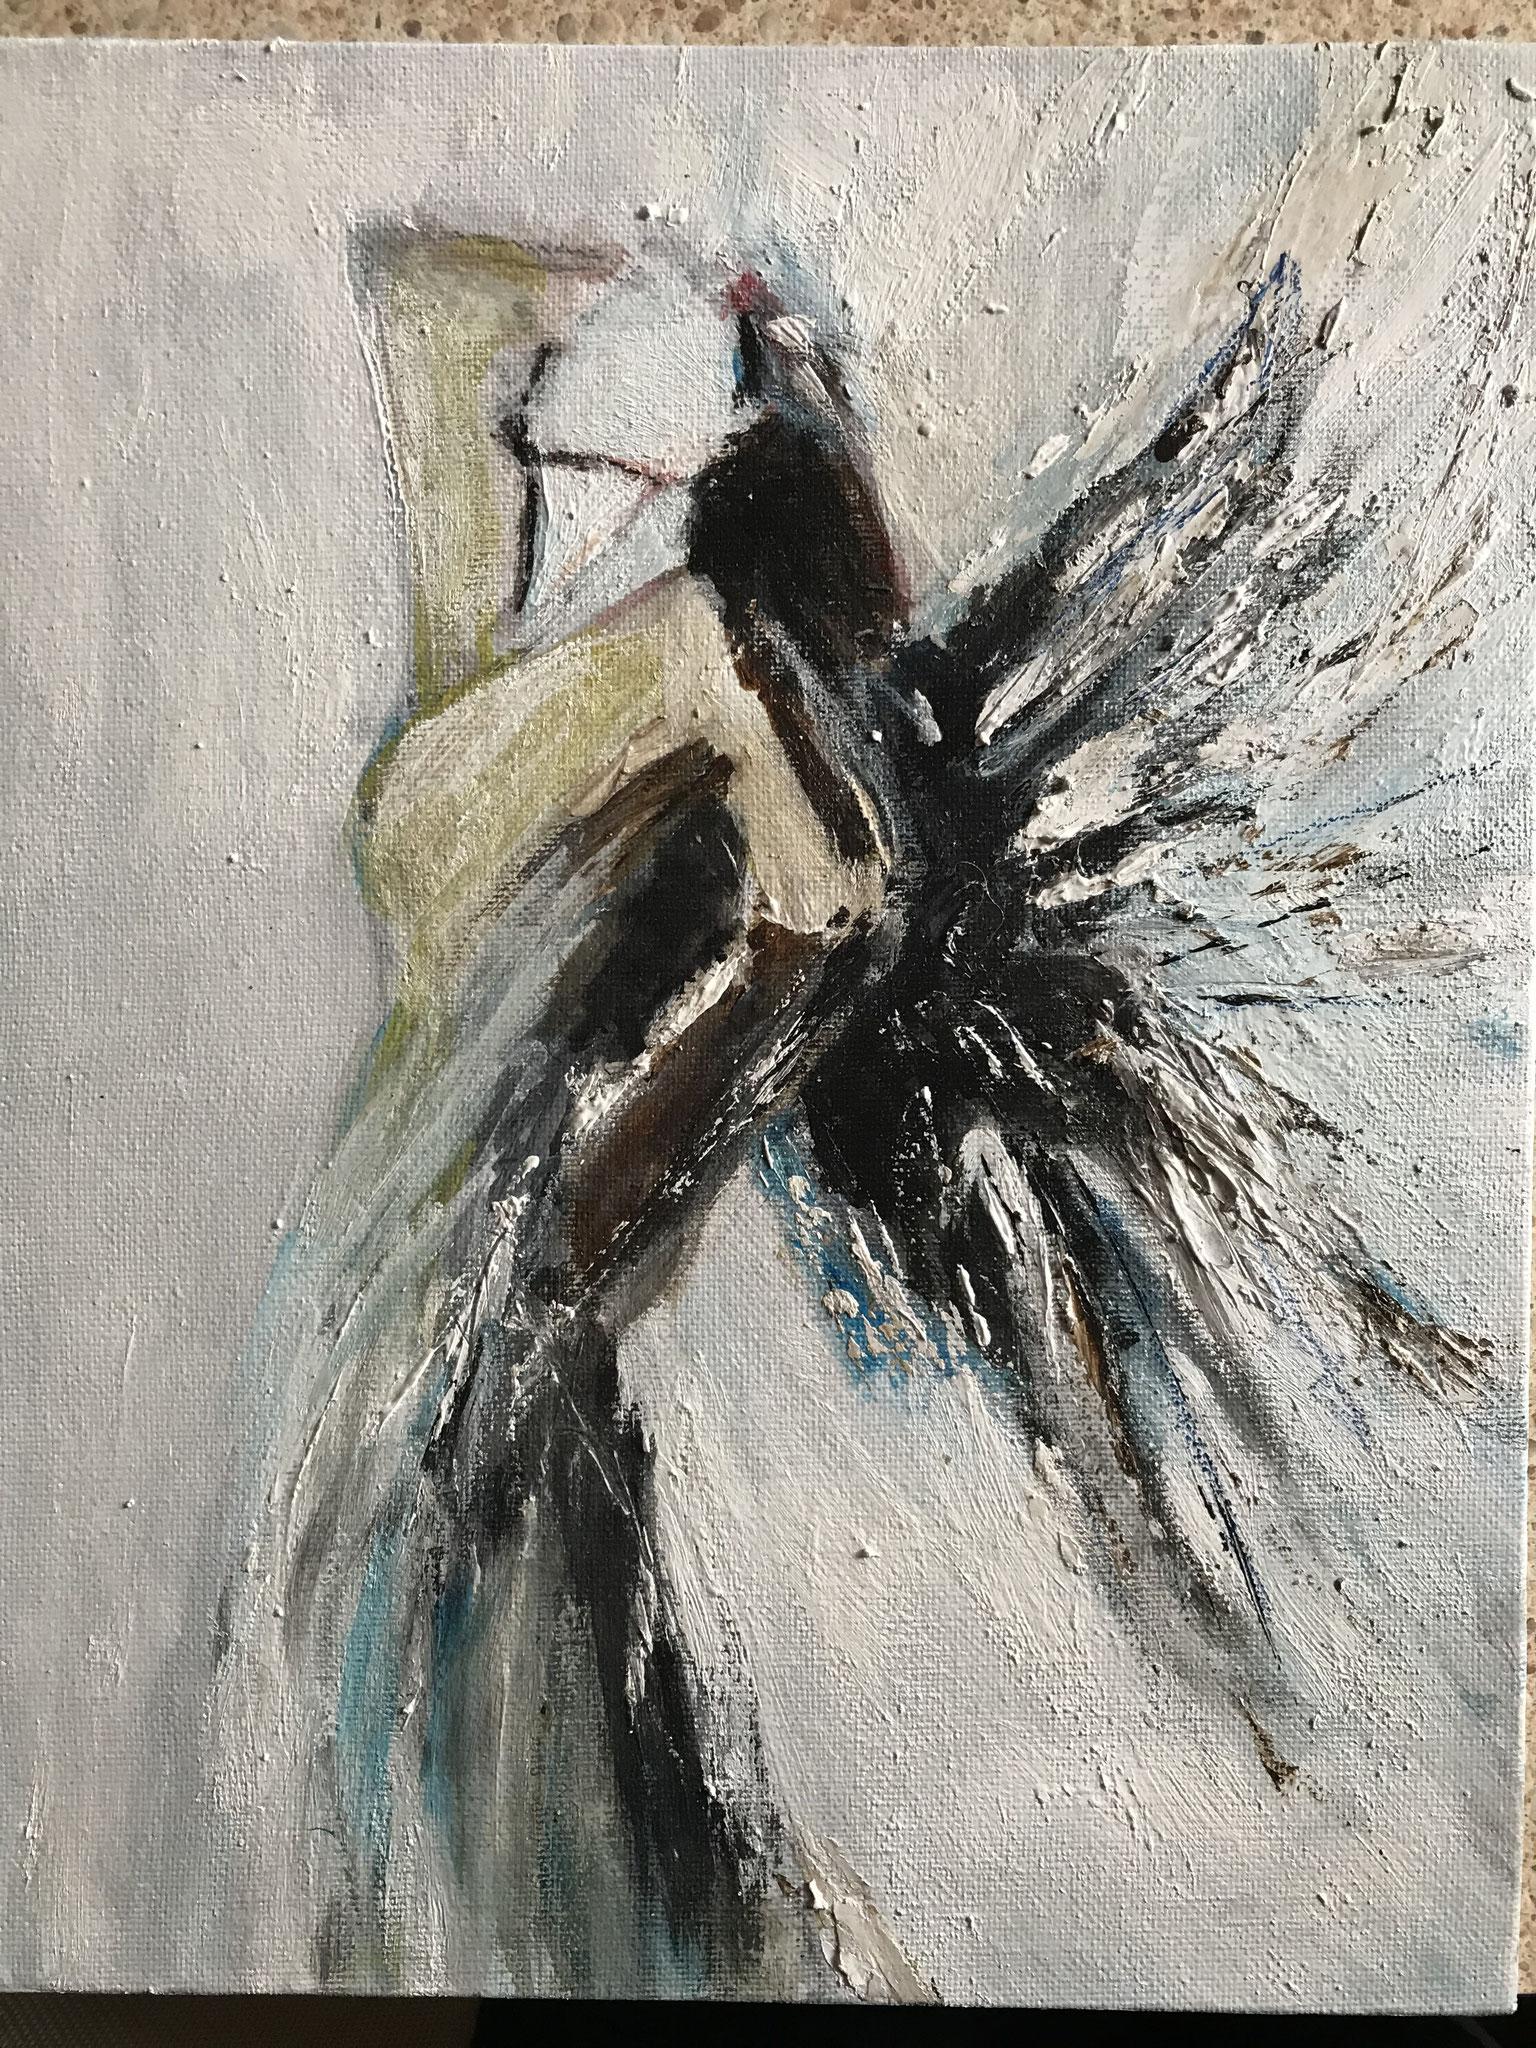 Engel abstrakt  (nach Vorlage aus dem Internet)